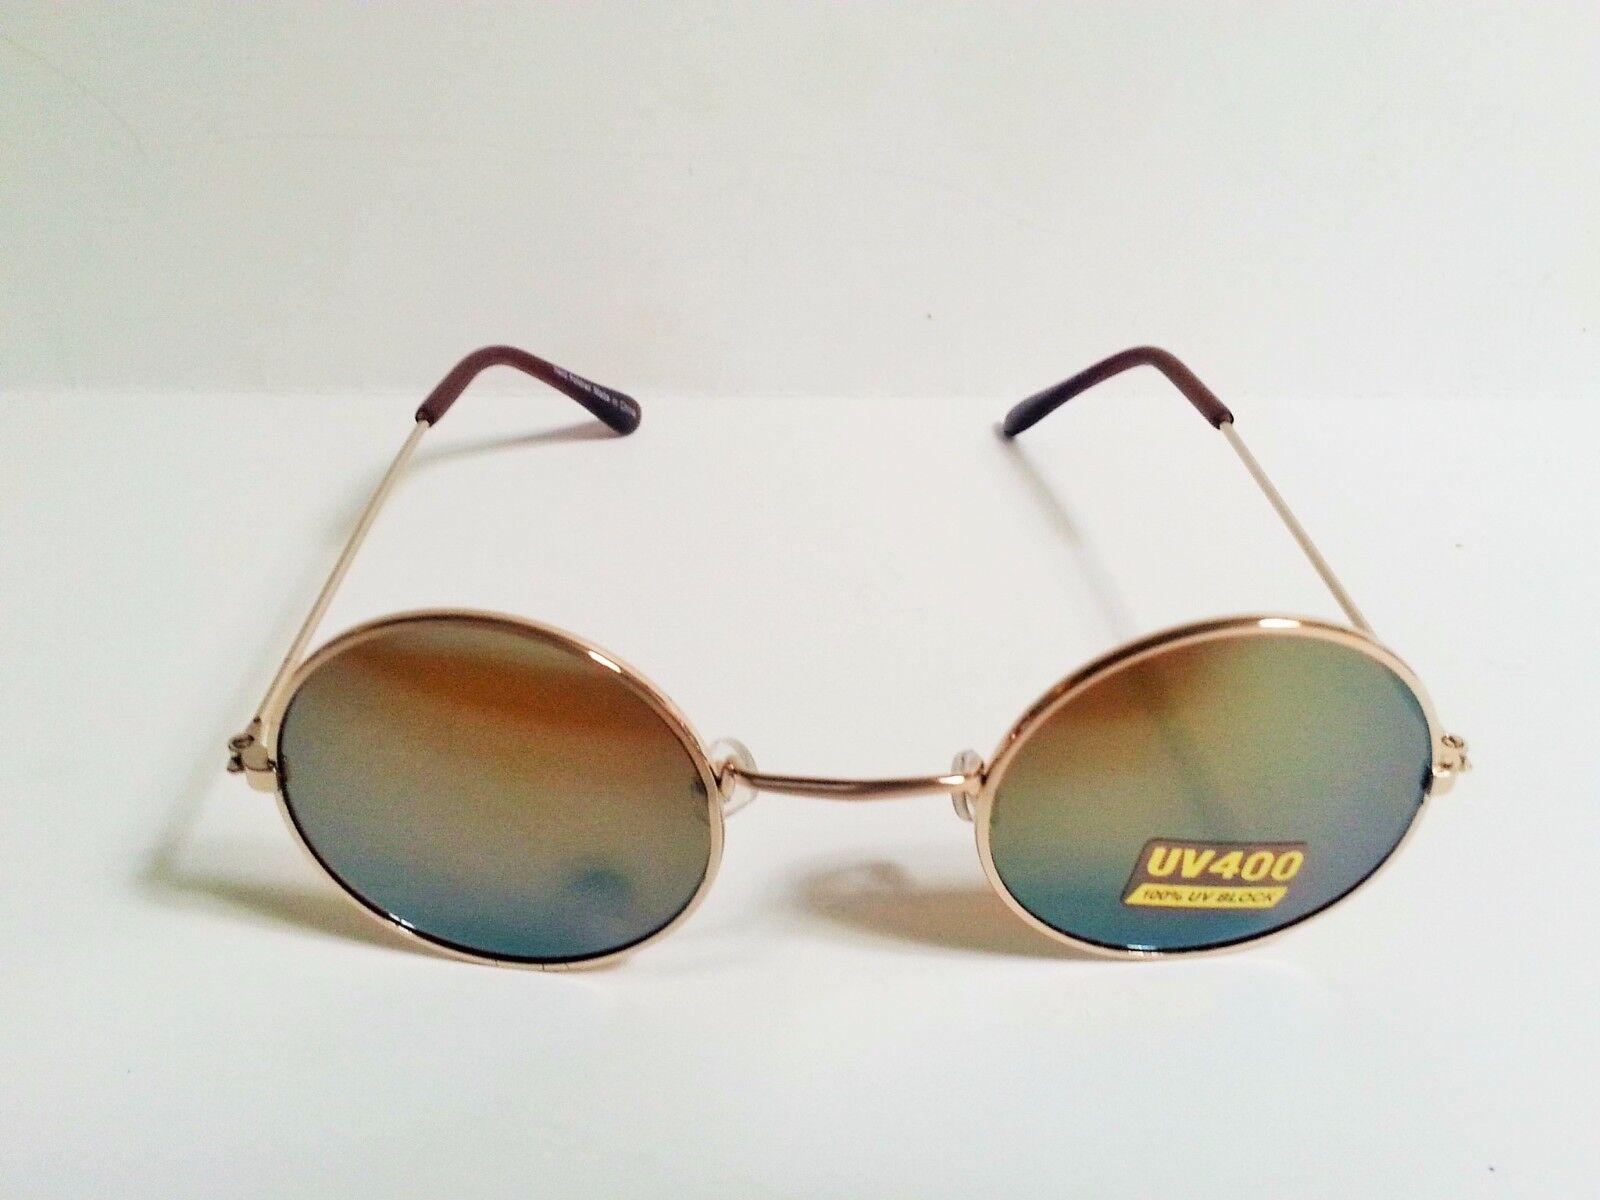 John Lennon Sunglasses Round Shades Gold Frame Multicolored Lenses ...